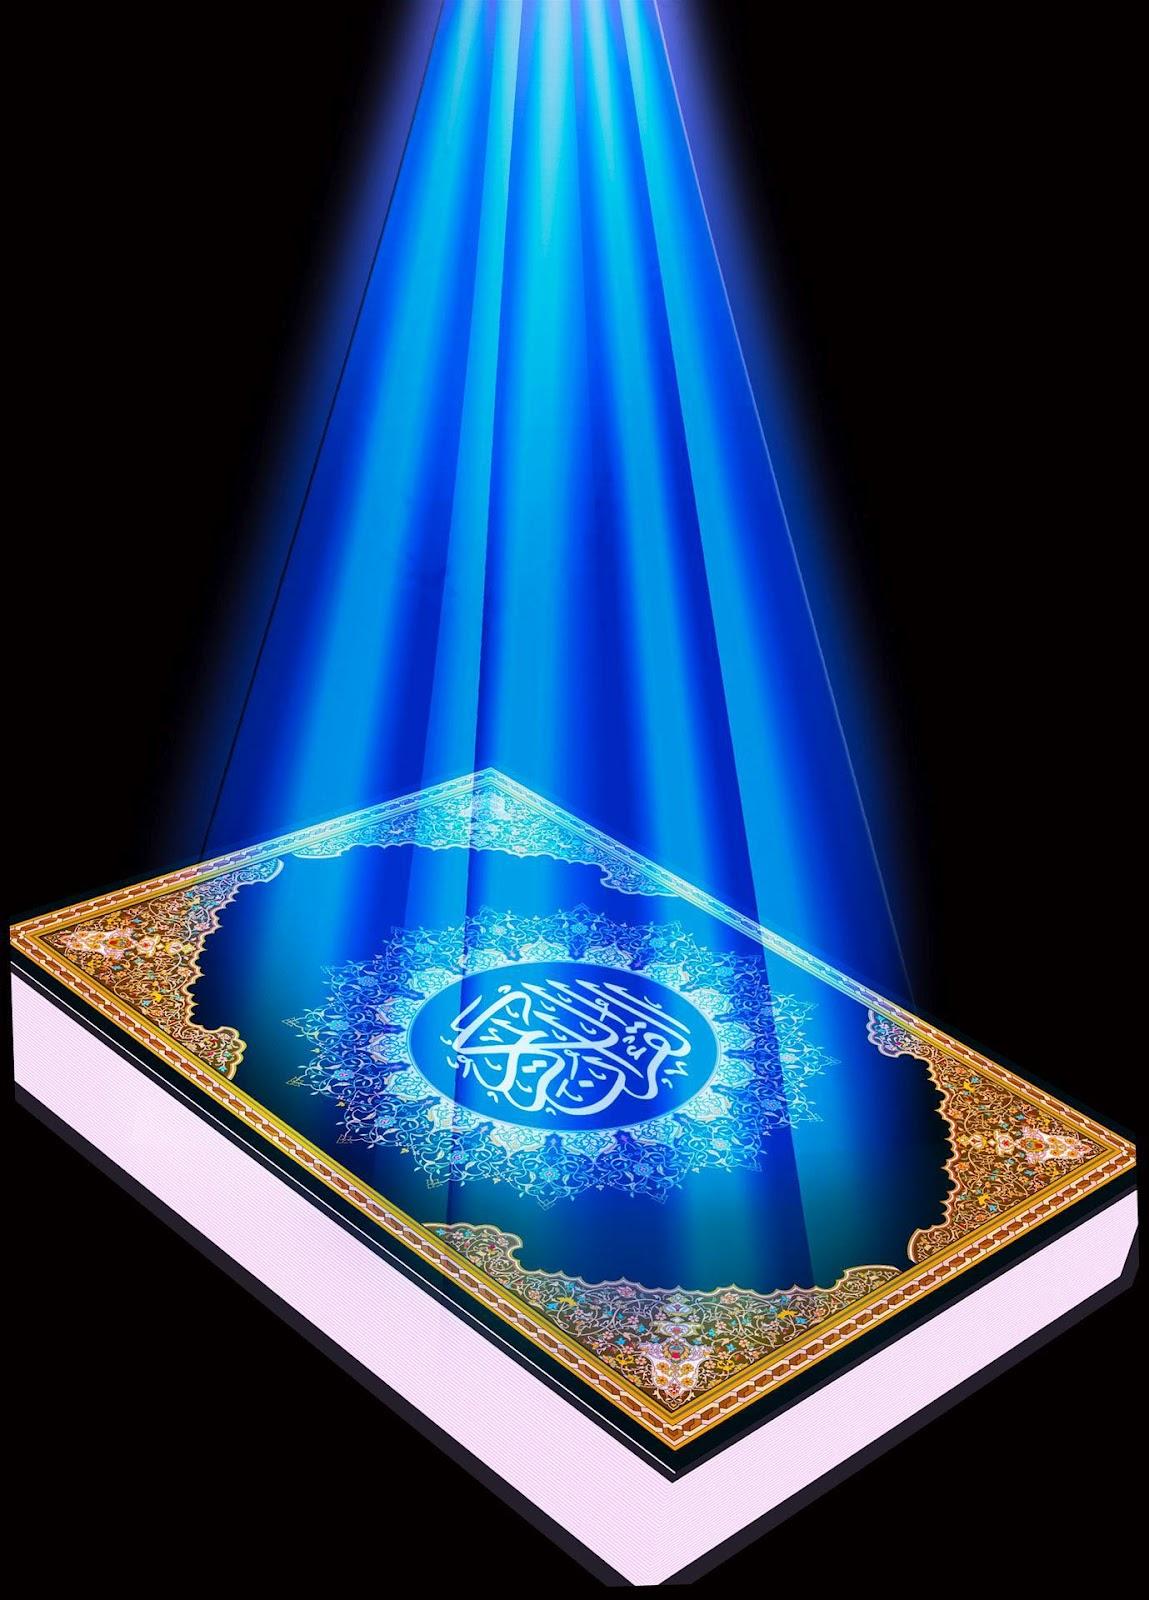 Quran Wallpaper HD - WallpaperSafari